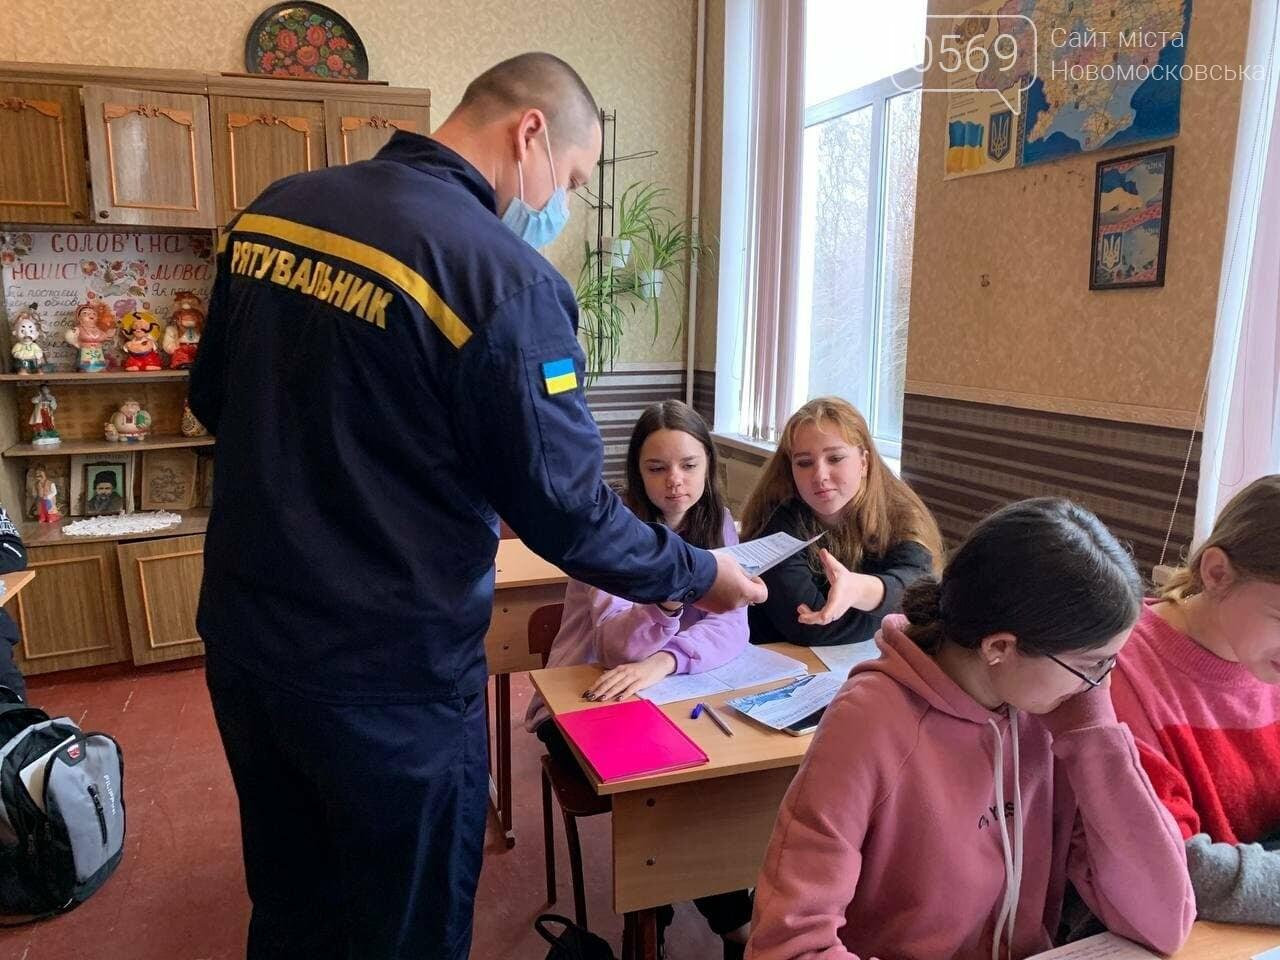 Надзвичайники Новомосковська навчали діток однієї з шкіл правилам безпеки, фото-3